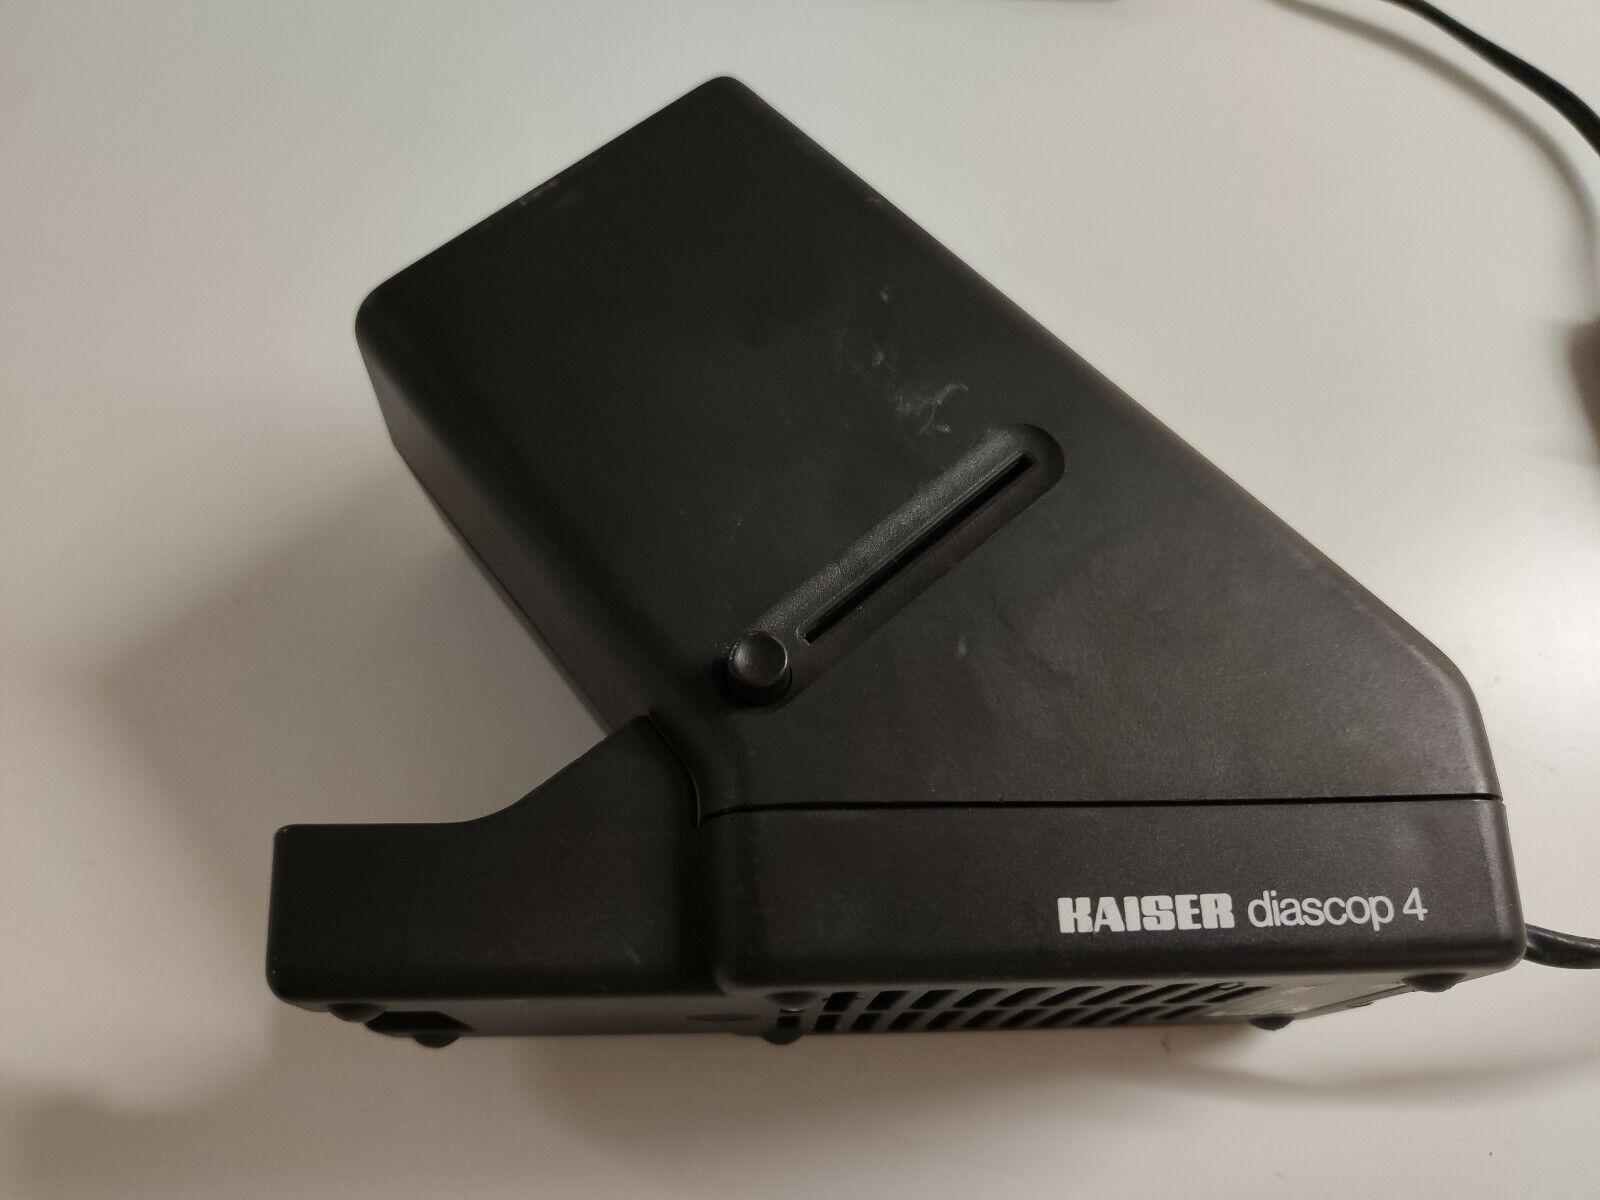 Kaiser Dia-Betrachter Diascop 4 2006